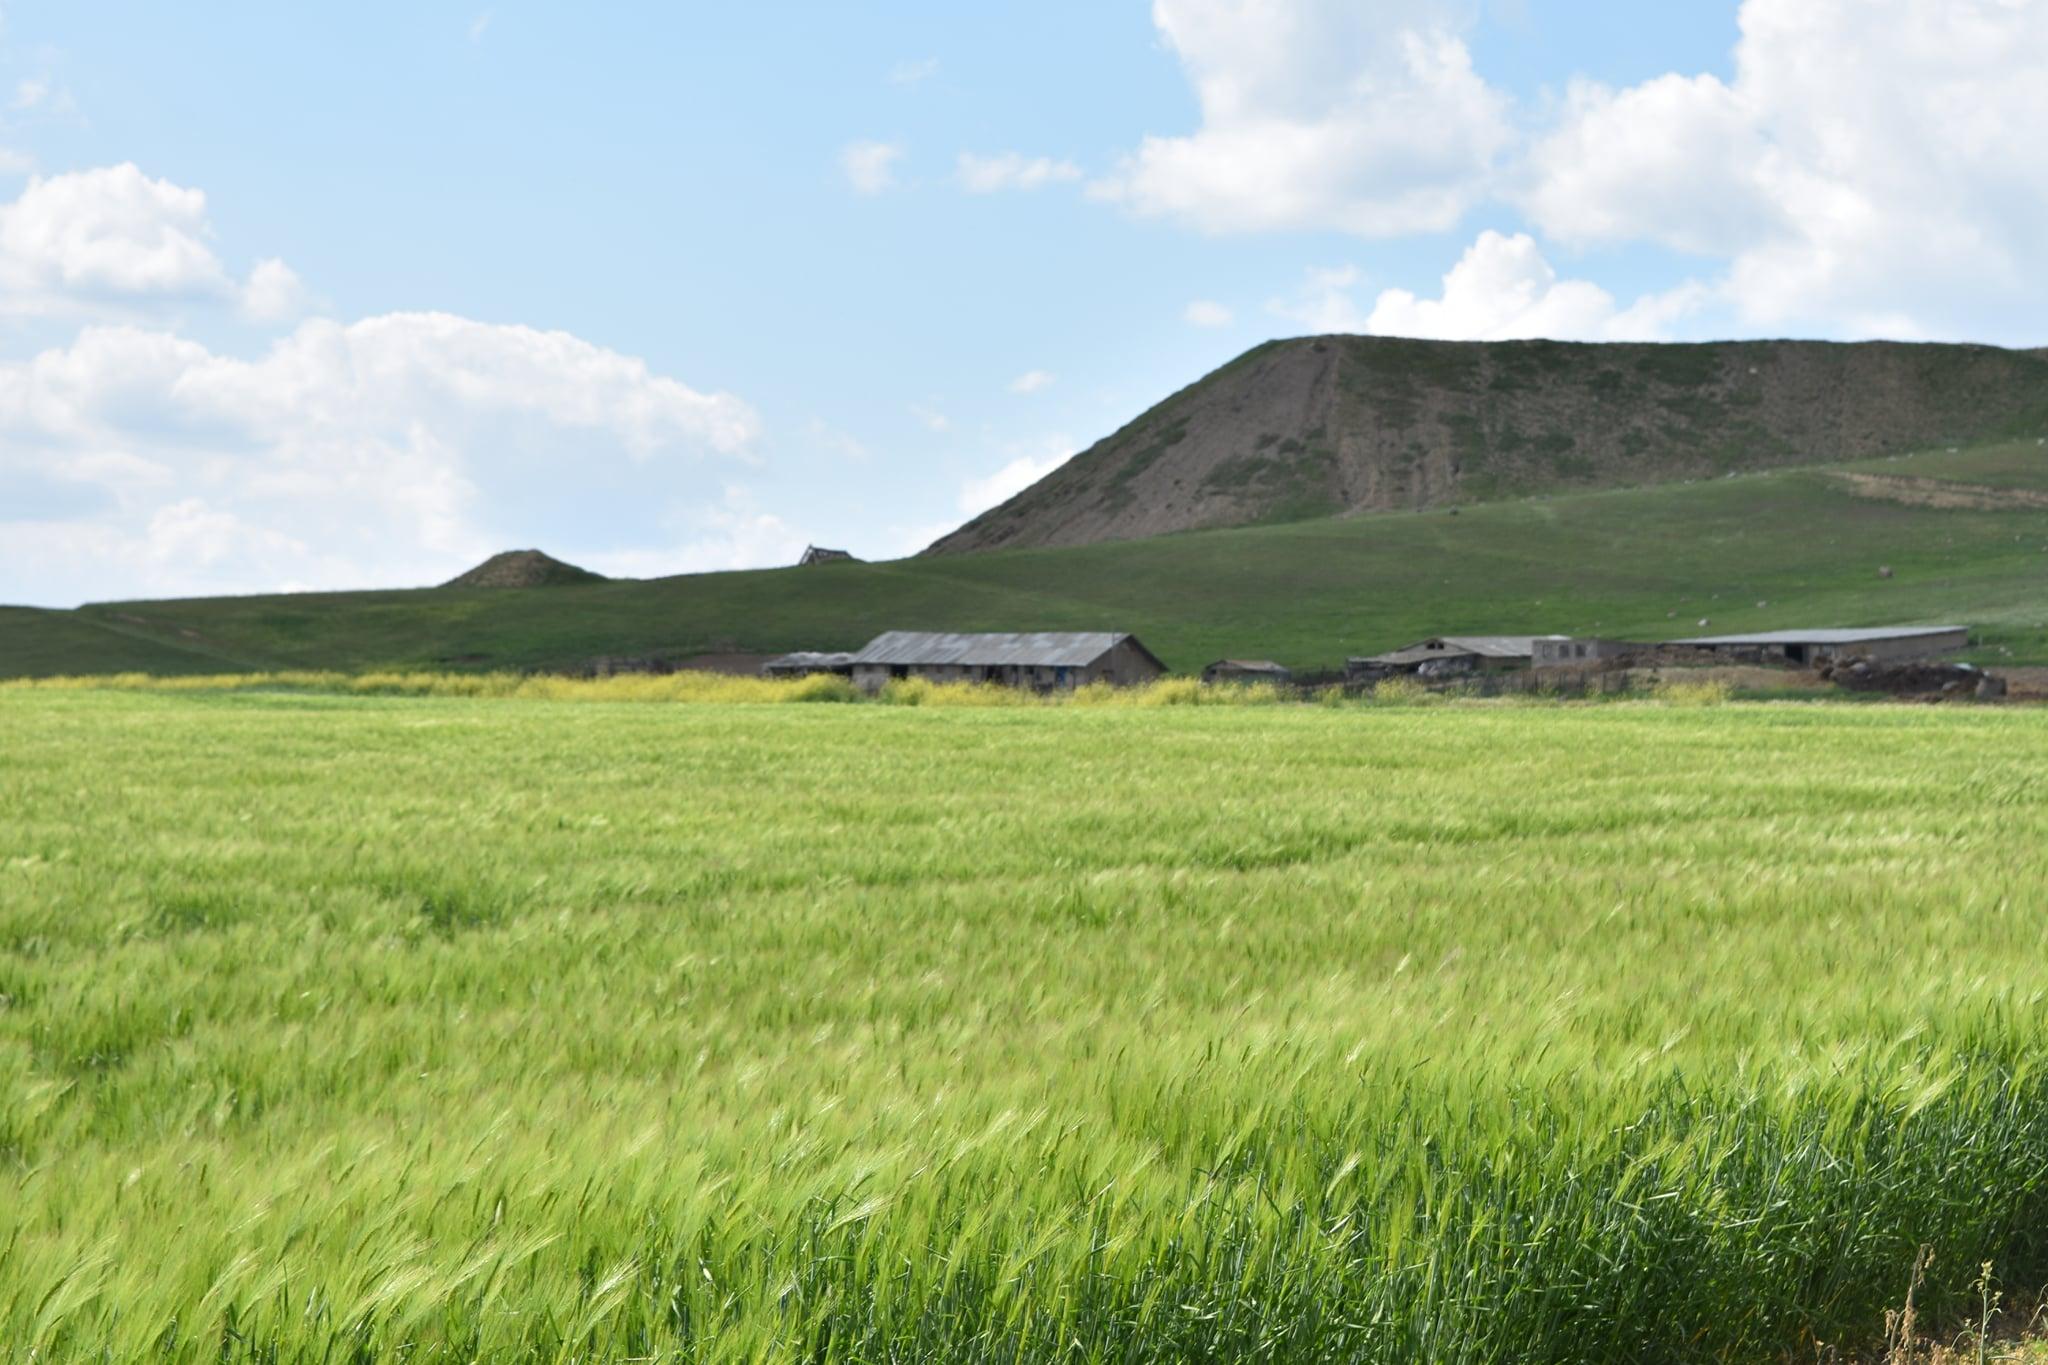 Să câştige şi fermierii nu numai comercianţii; Culturile agricole arată bine, chiar dacă unele lucrări au fost întârziate; Stiri agricole